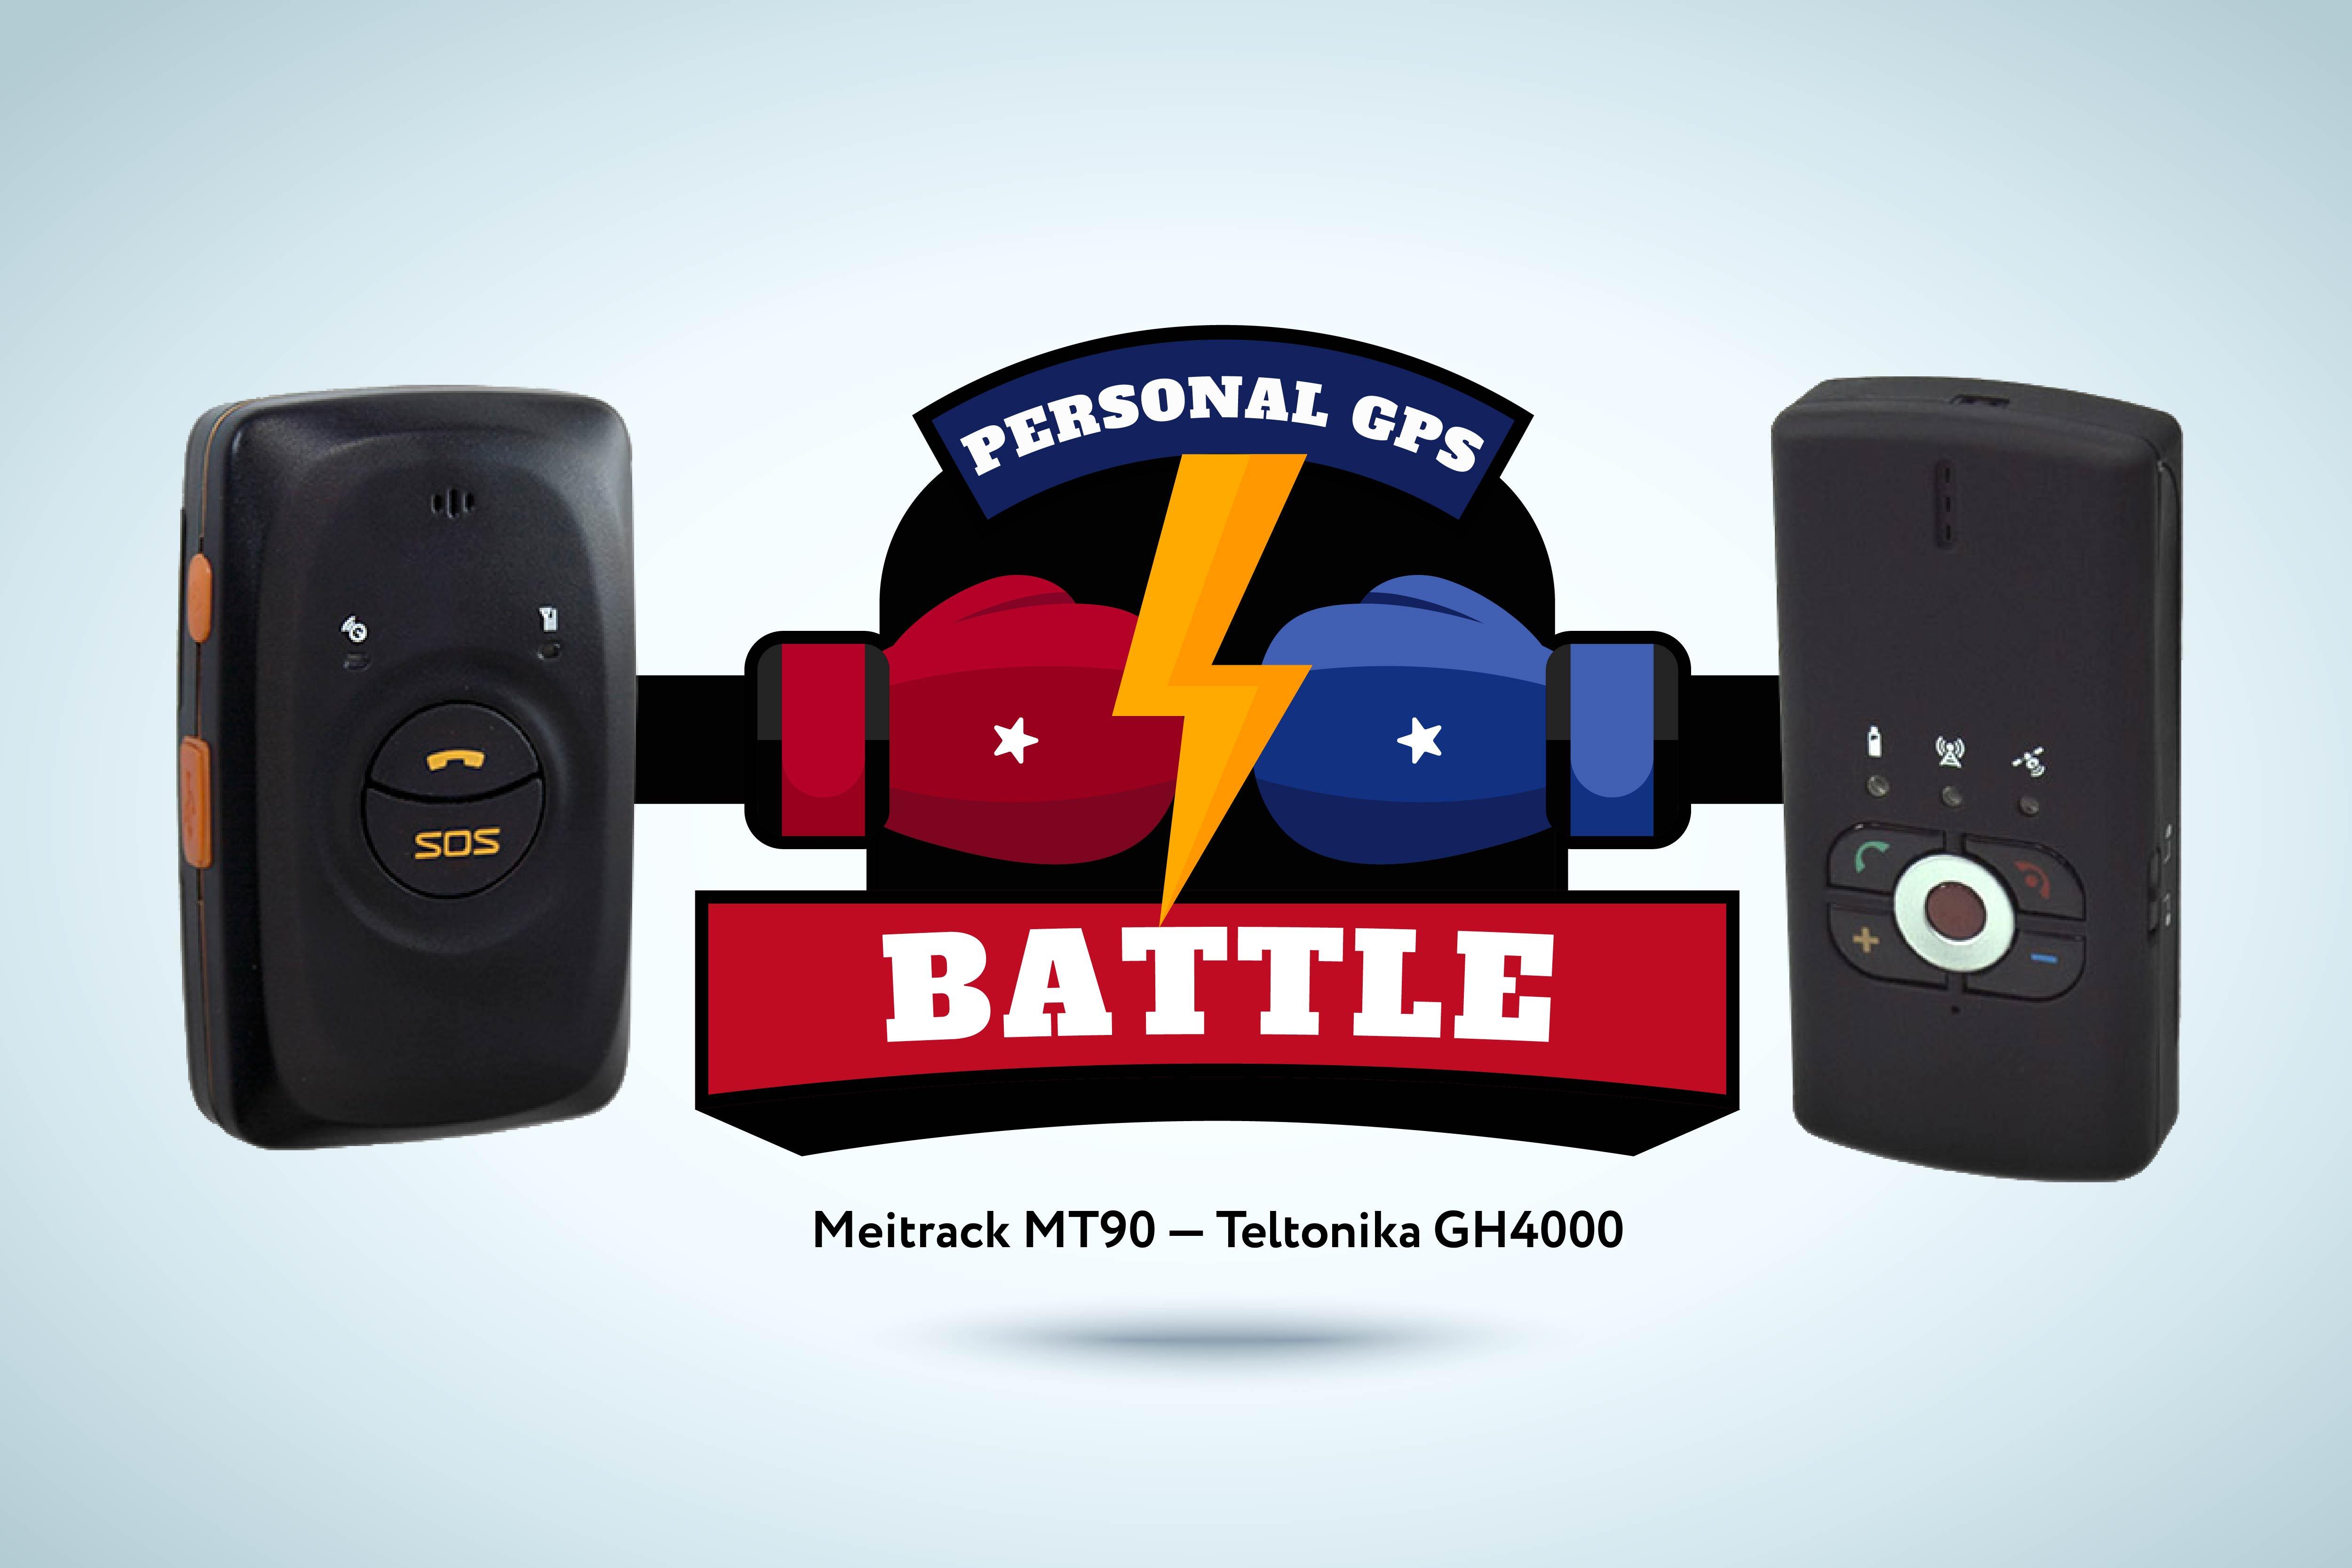 Teltonika GH4000 vs Meitrack MT90: Battle of personal GPS trackers